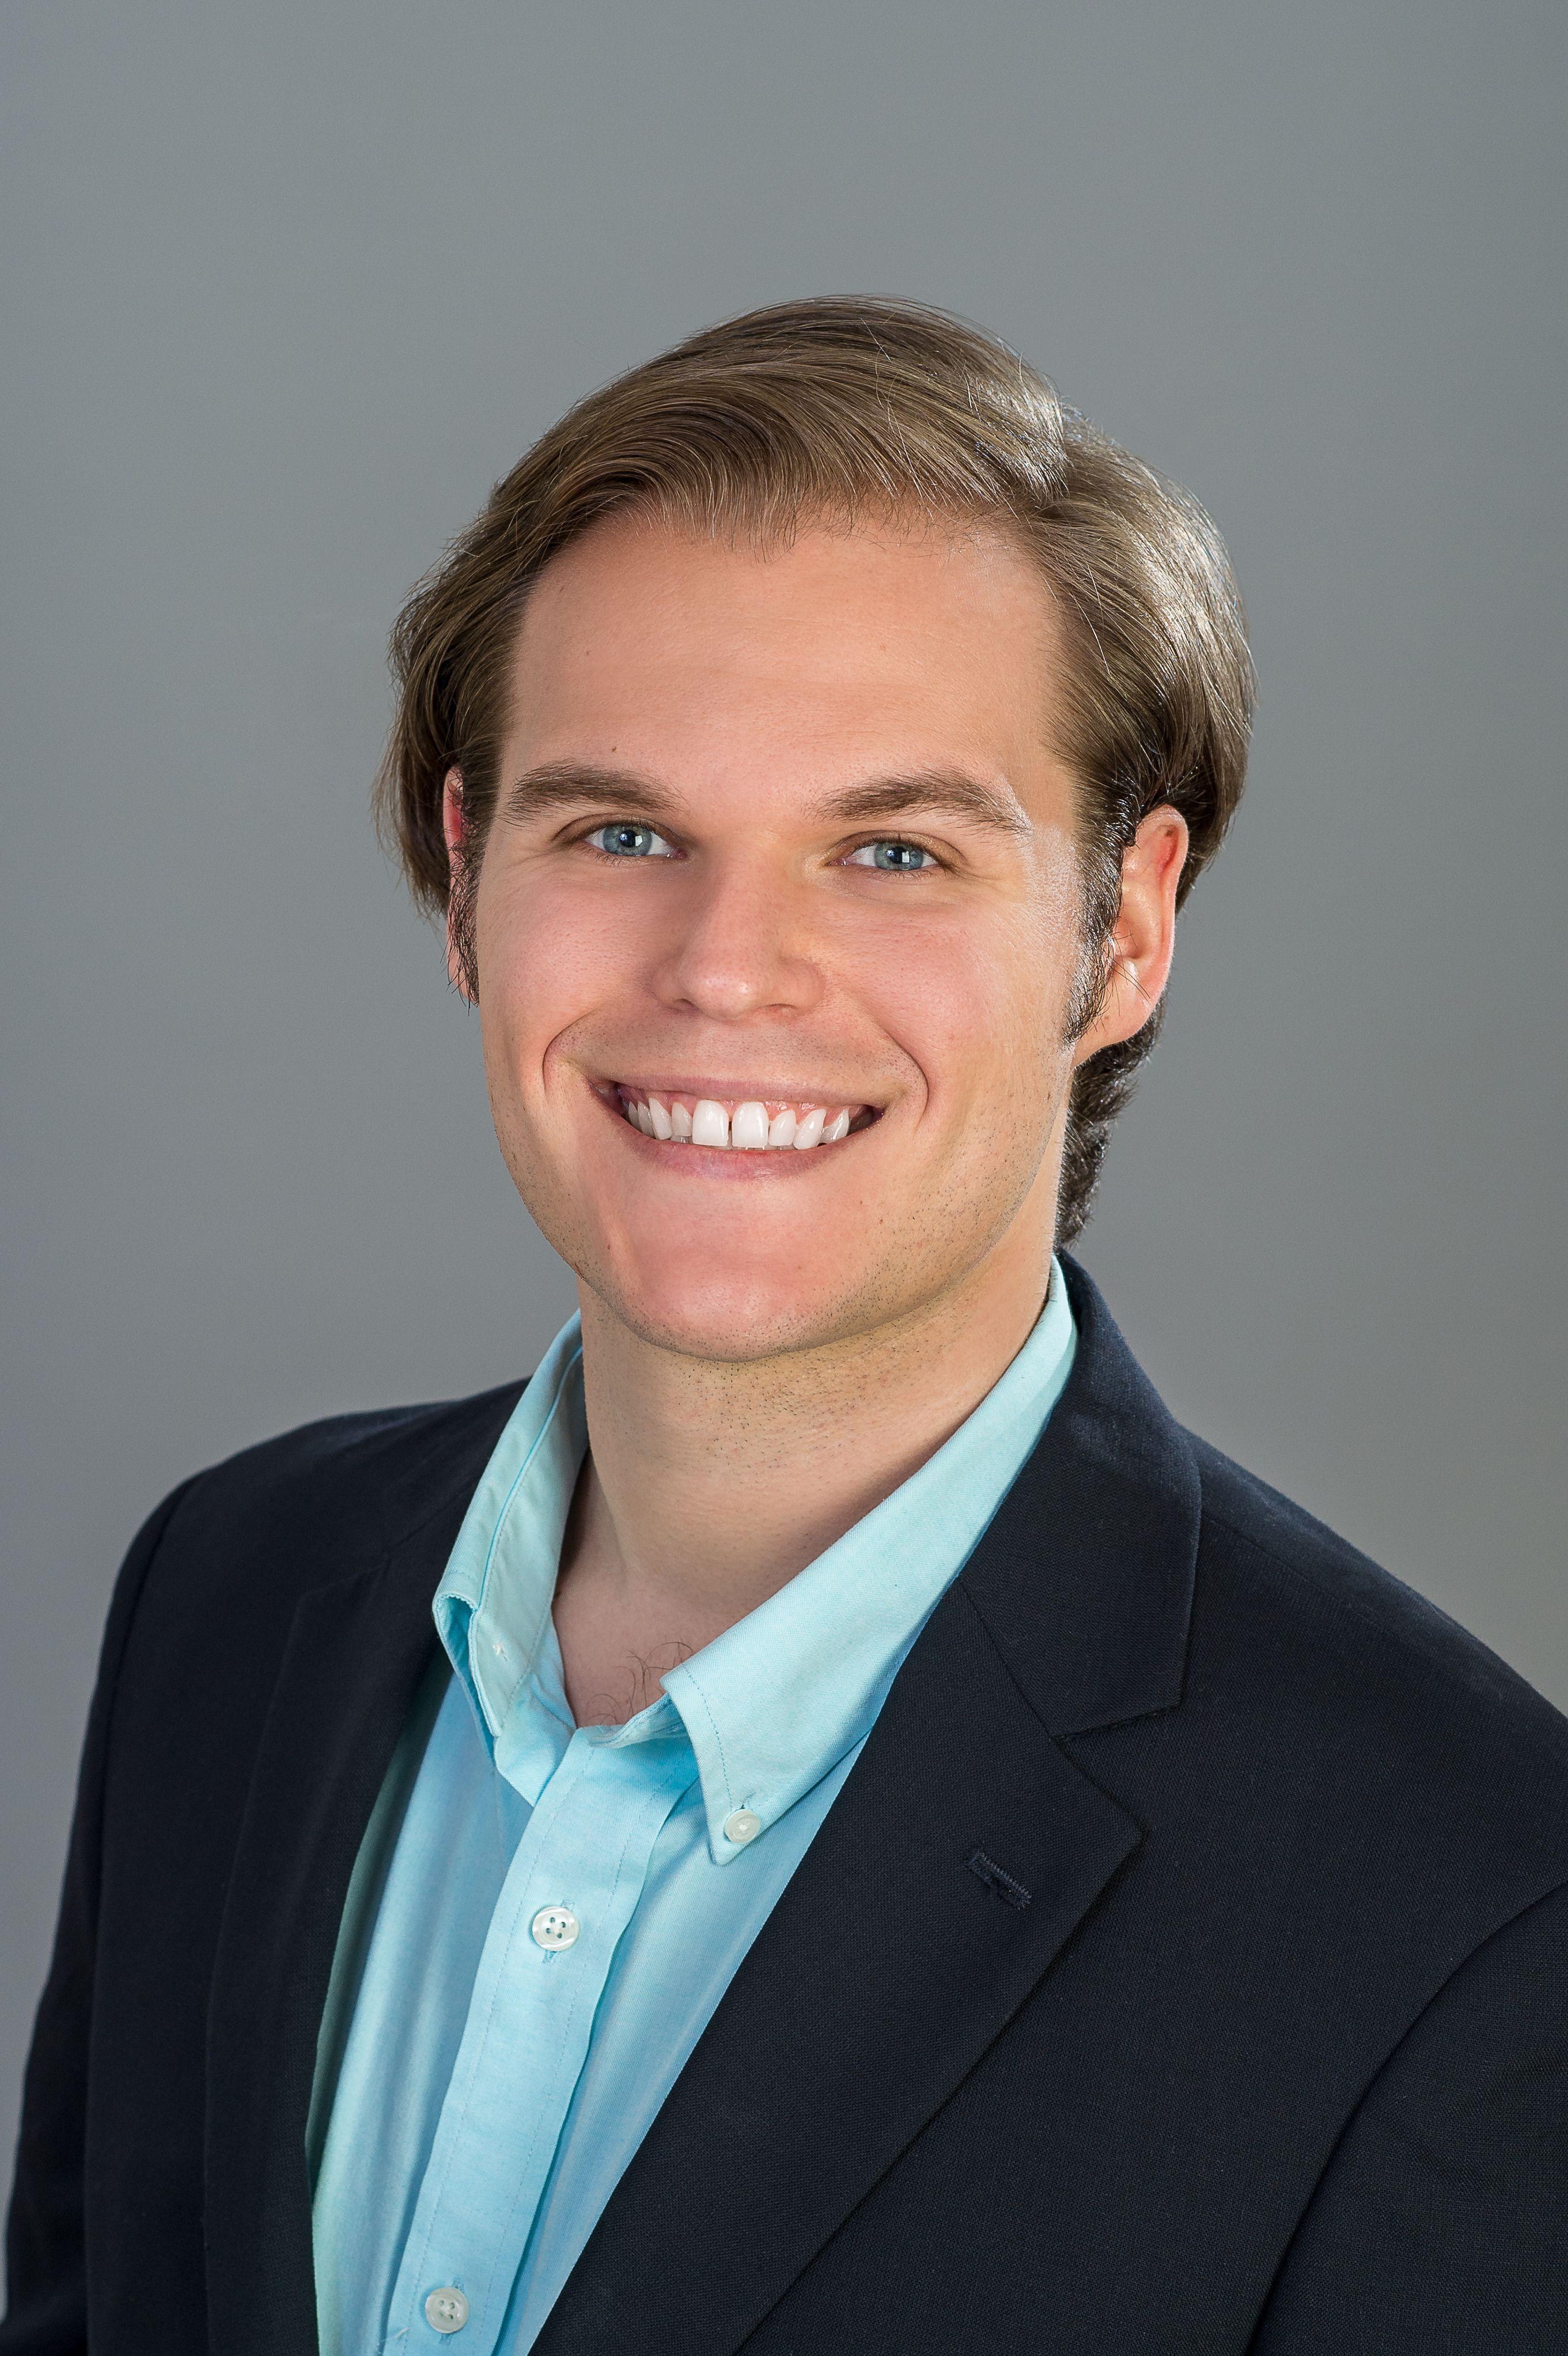 Nathan Lannan